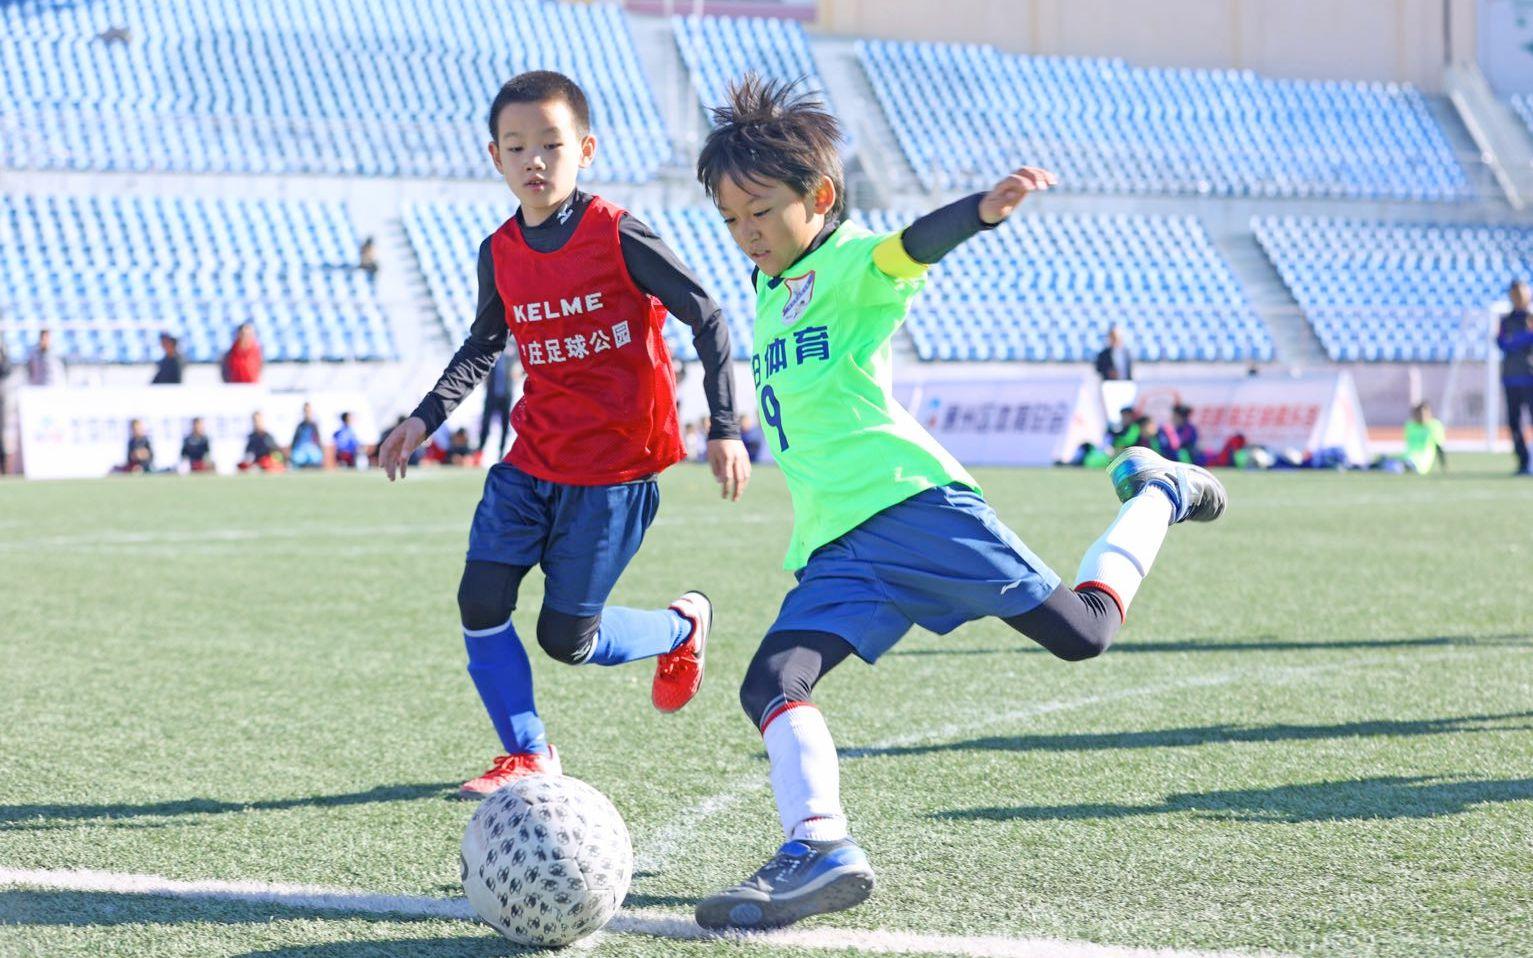 参赛的青少年球员行动很专业。图/北京市体育局